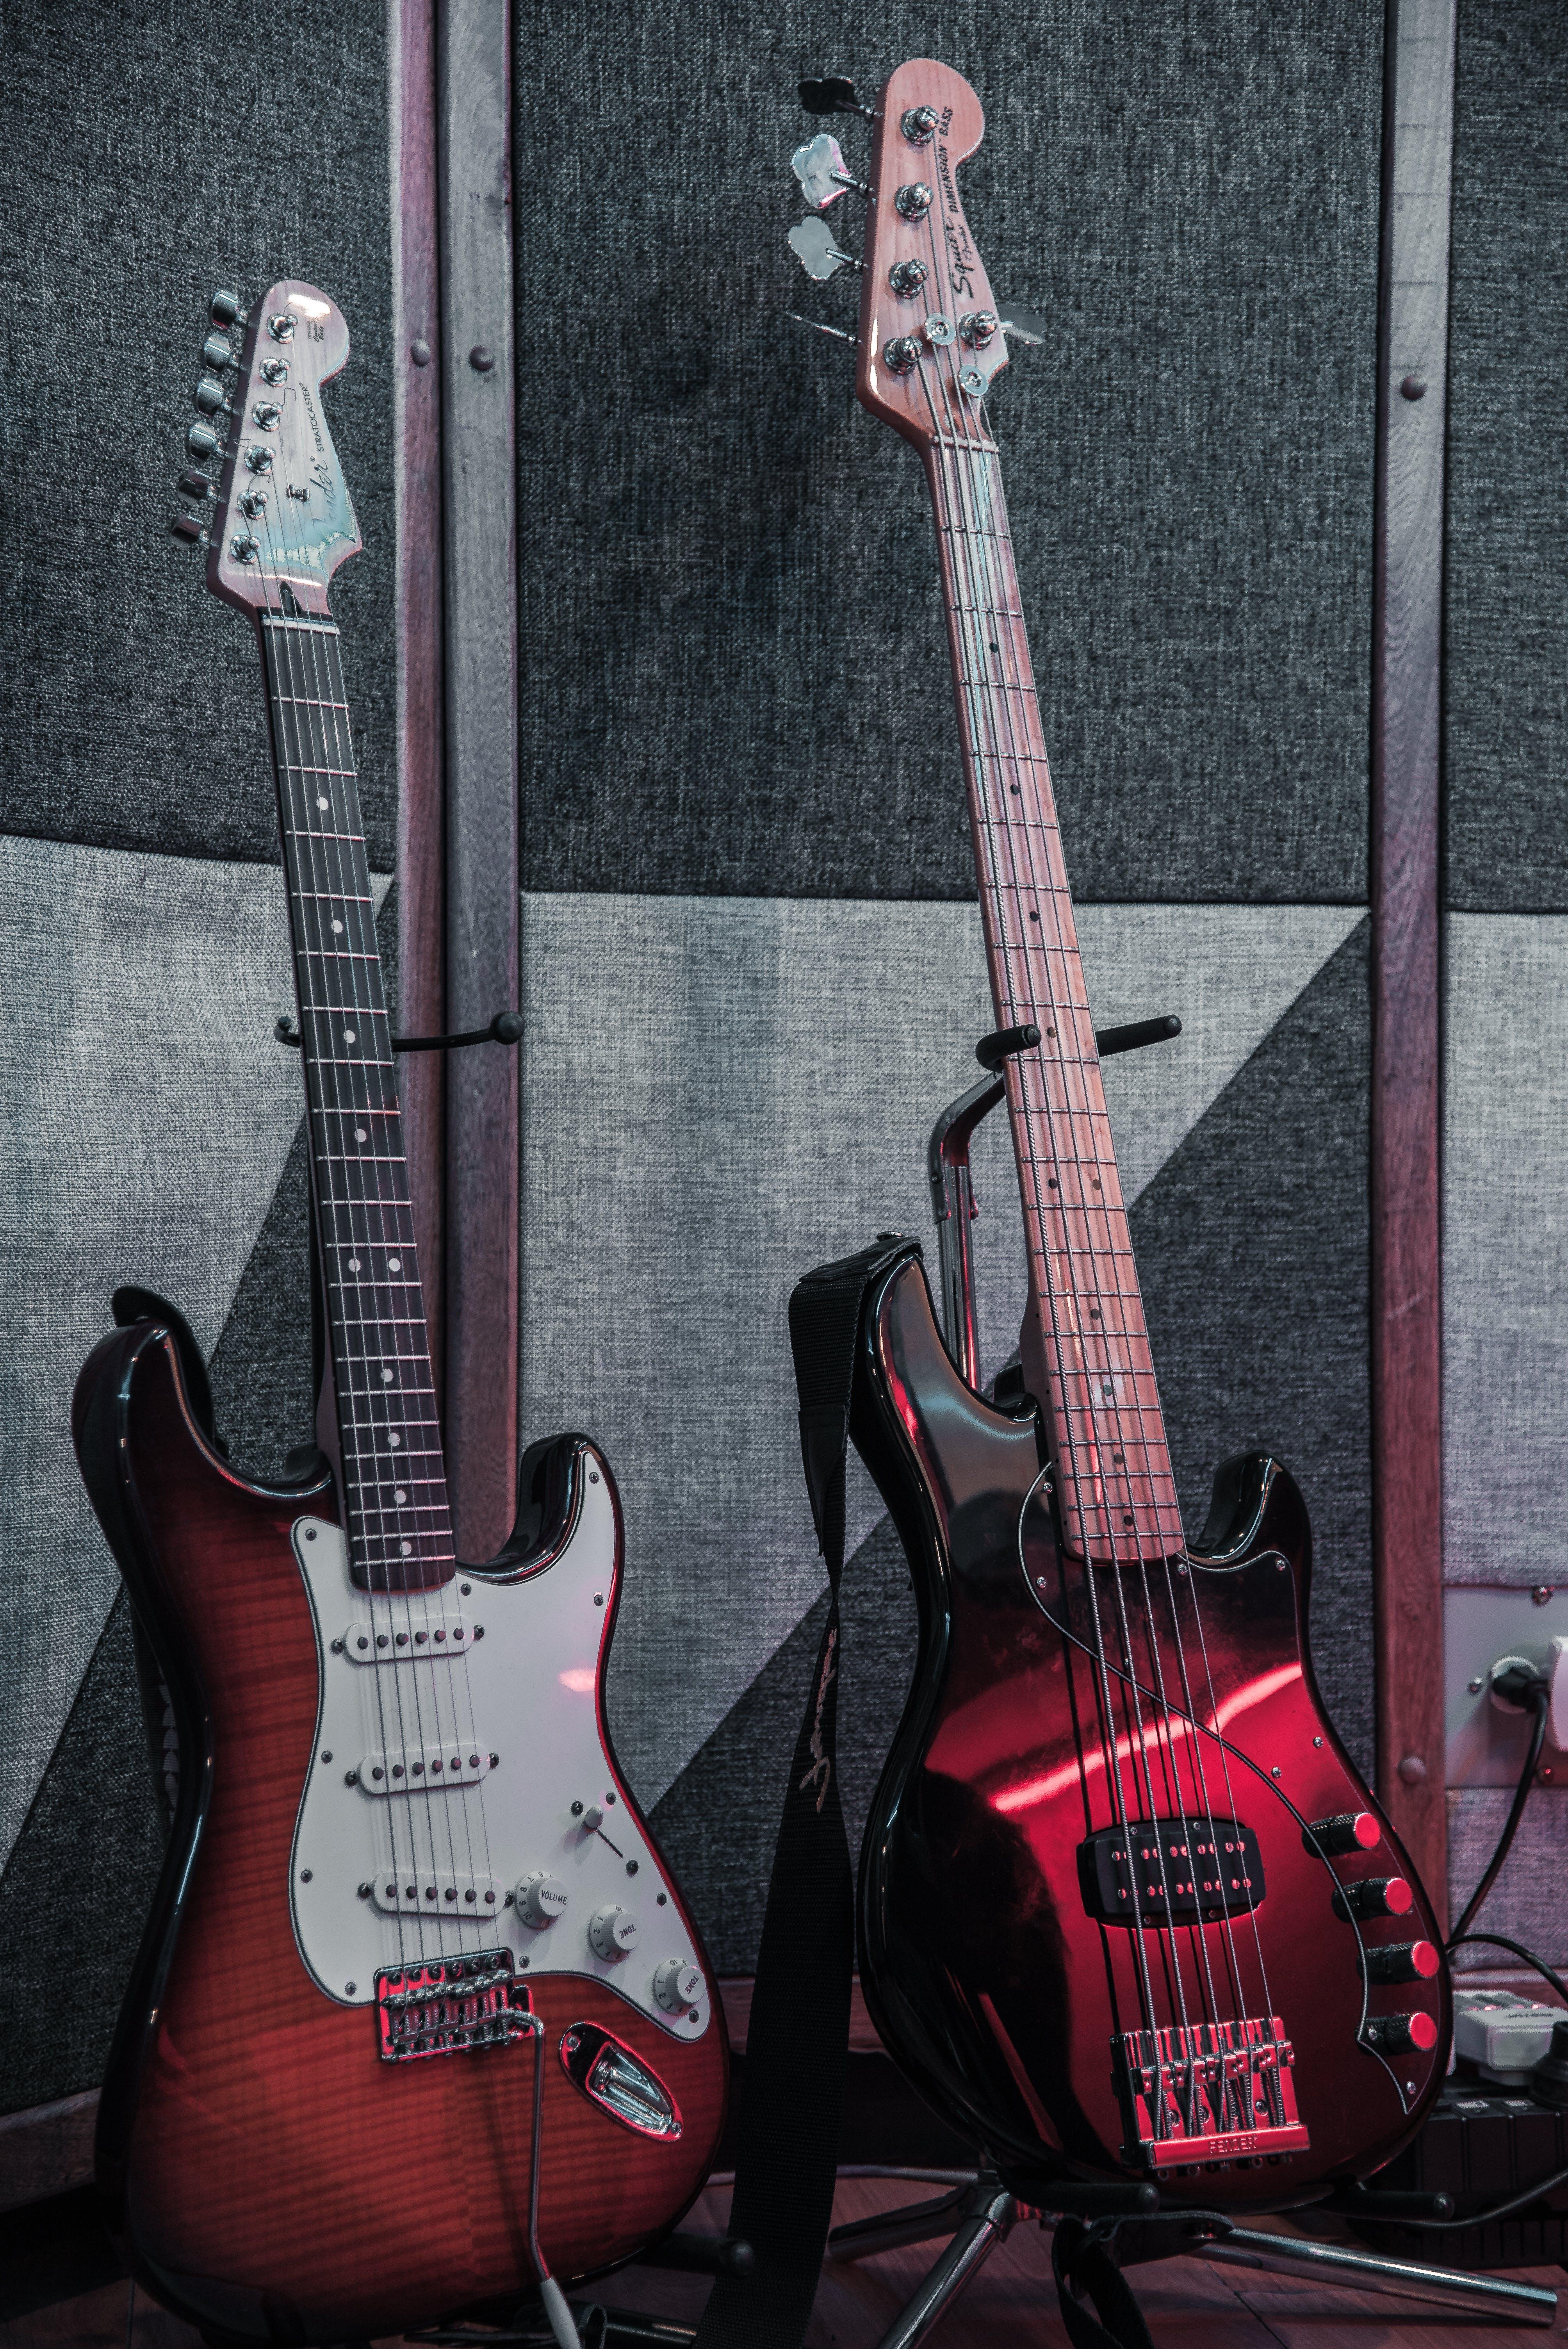 Gratis arkivbilde med elektriske gitarer, gitarer, gripebrett, instrumenter